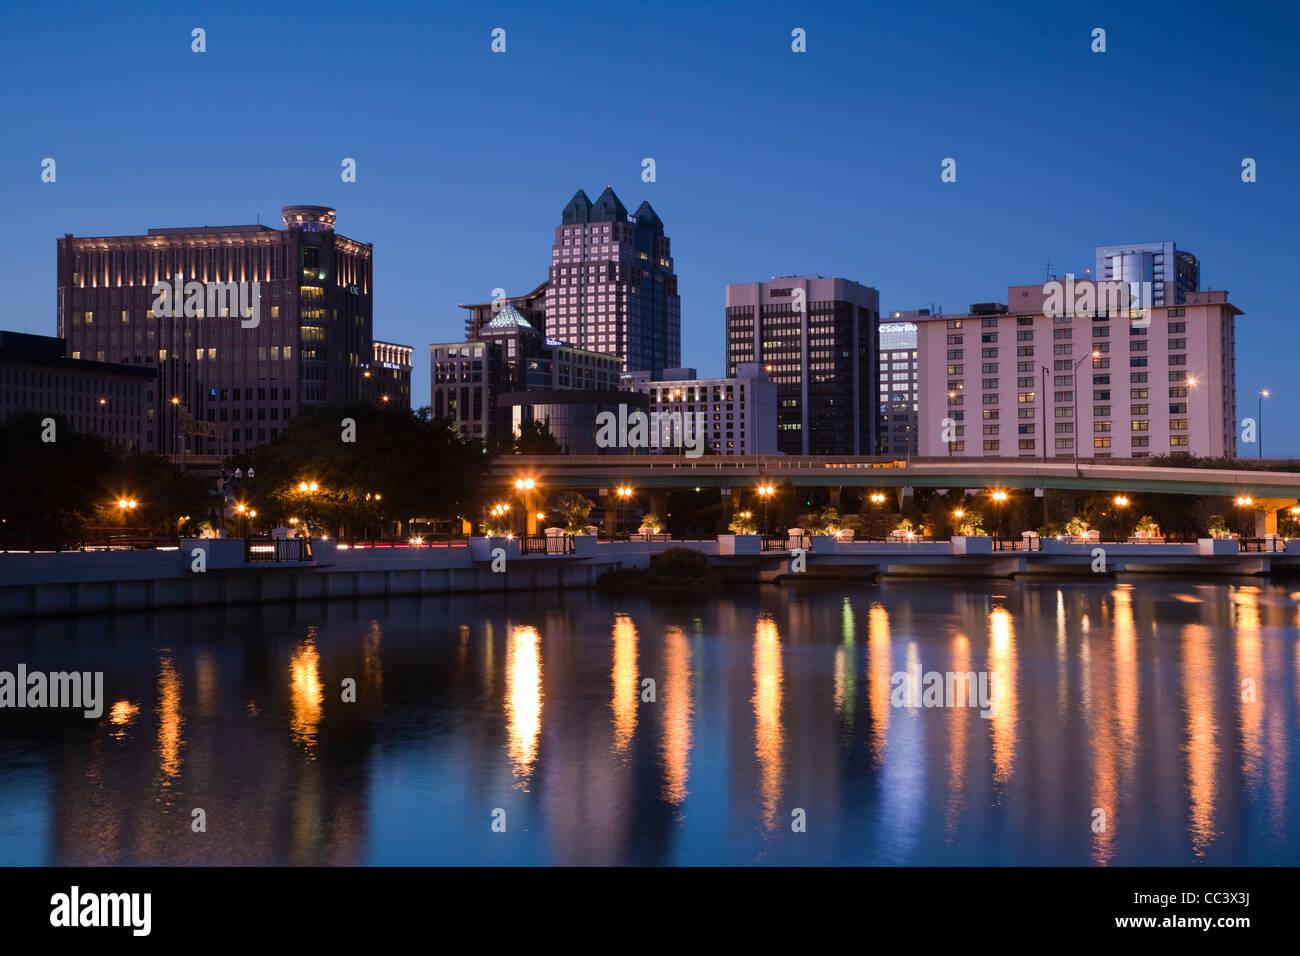 USA, Florida, Orlando, skyline from Lake Lucerne, dusk - Stock Image